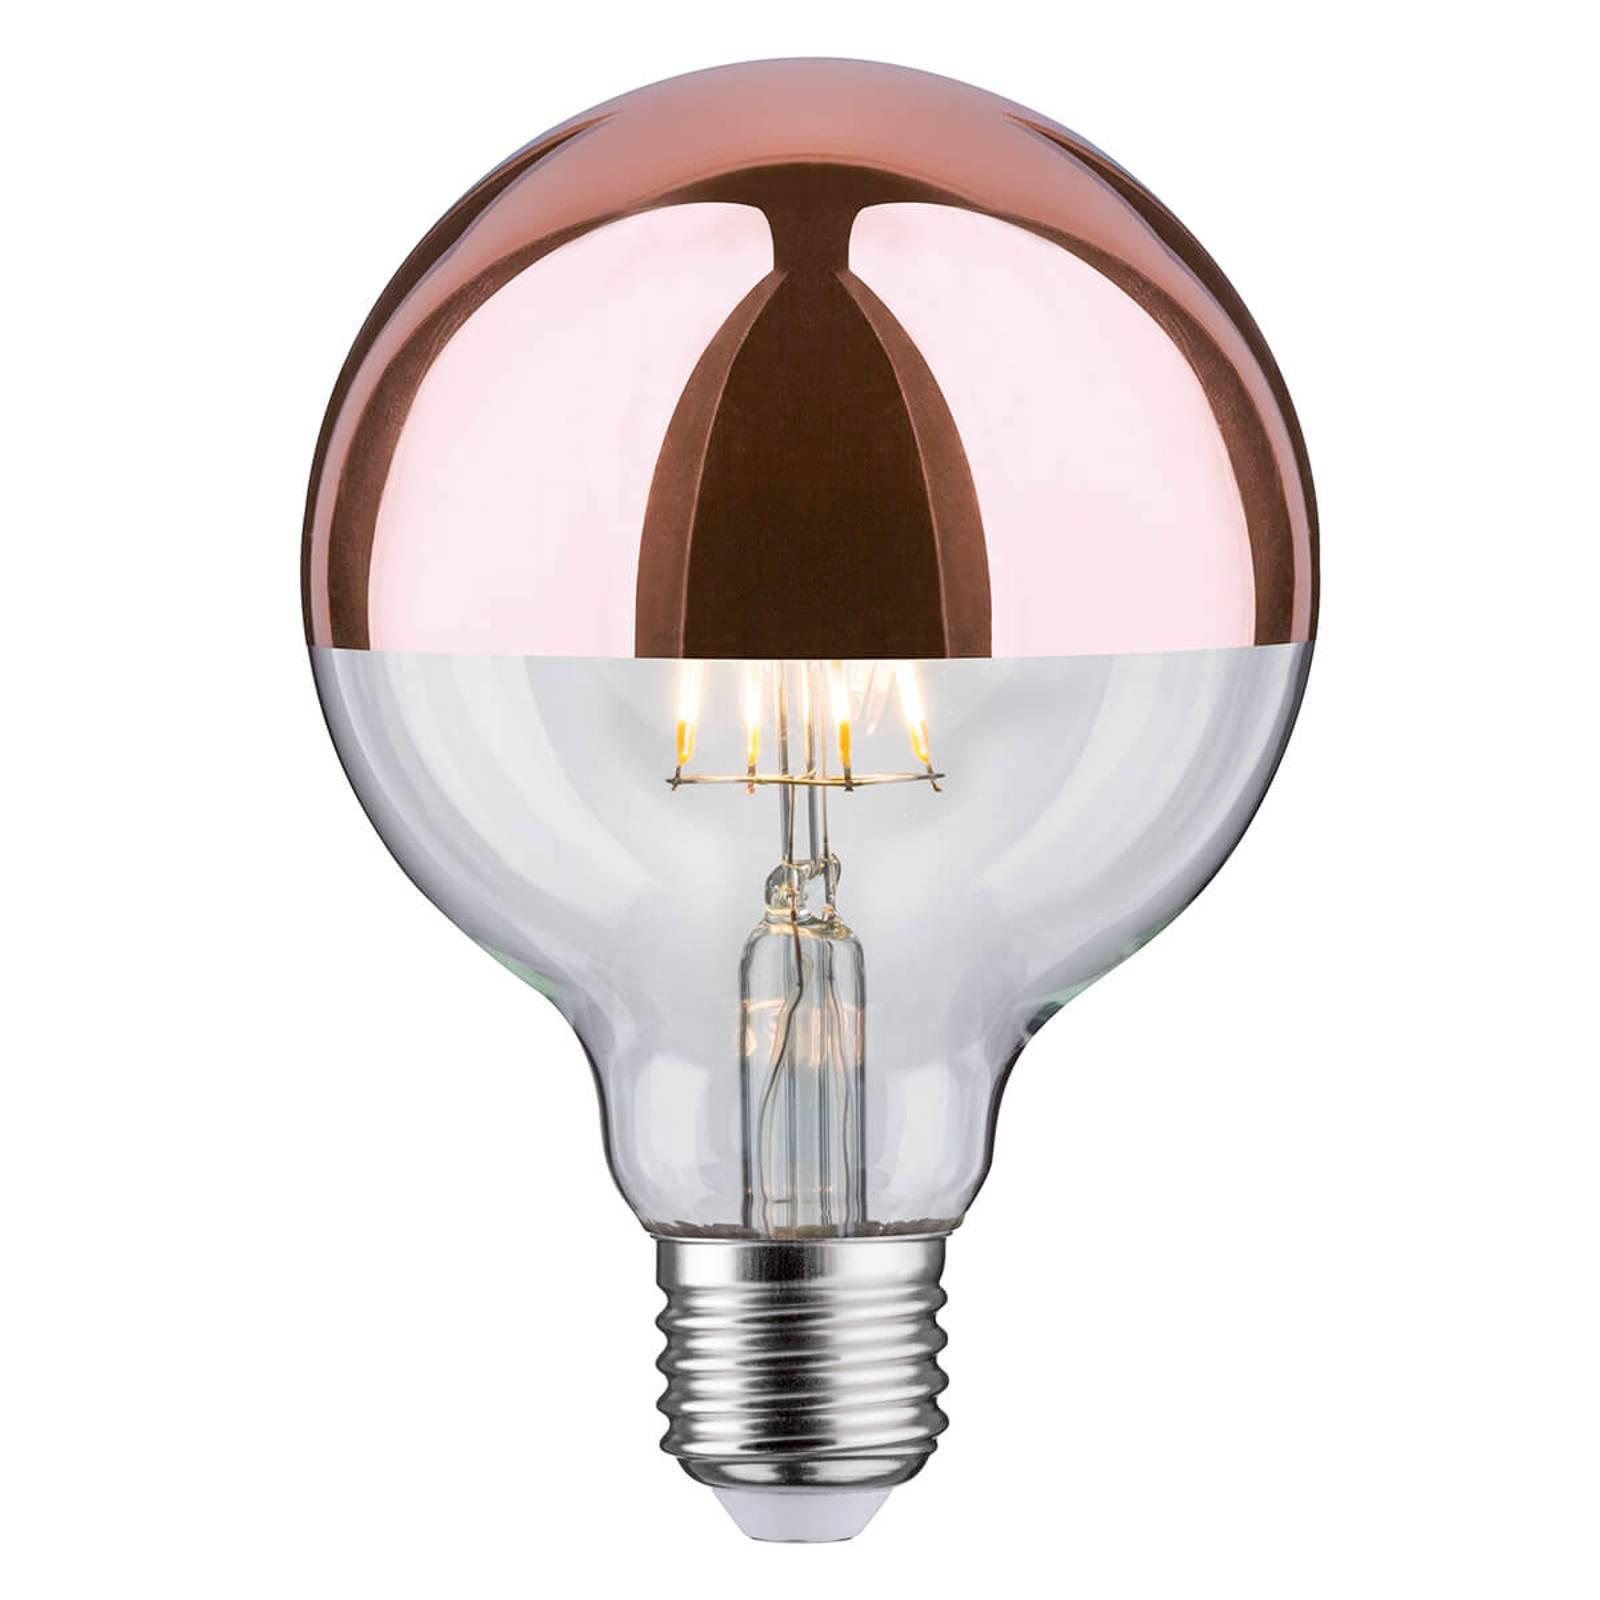 Paulmann speilet LED-pære E27 6,5W 827 G95 kobber